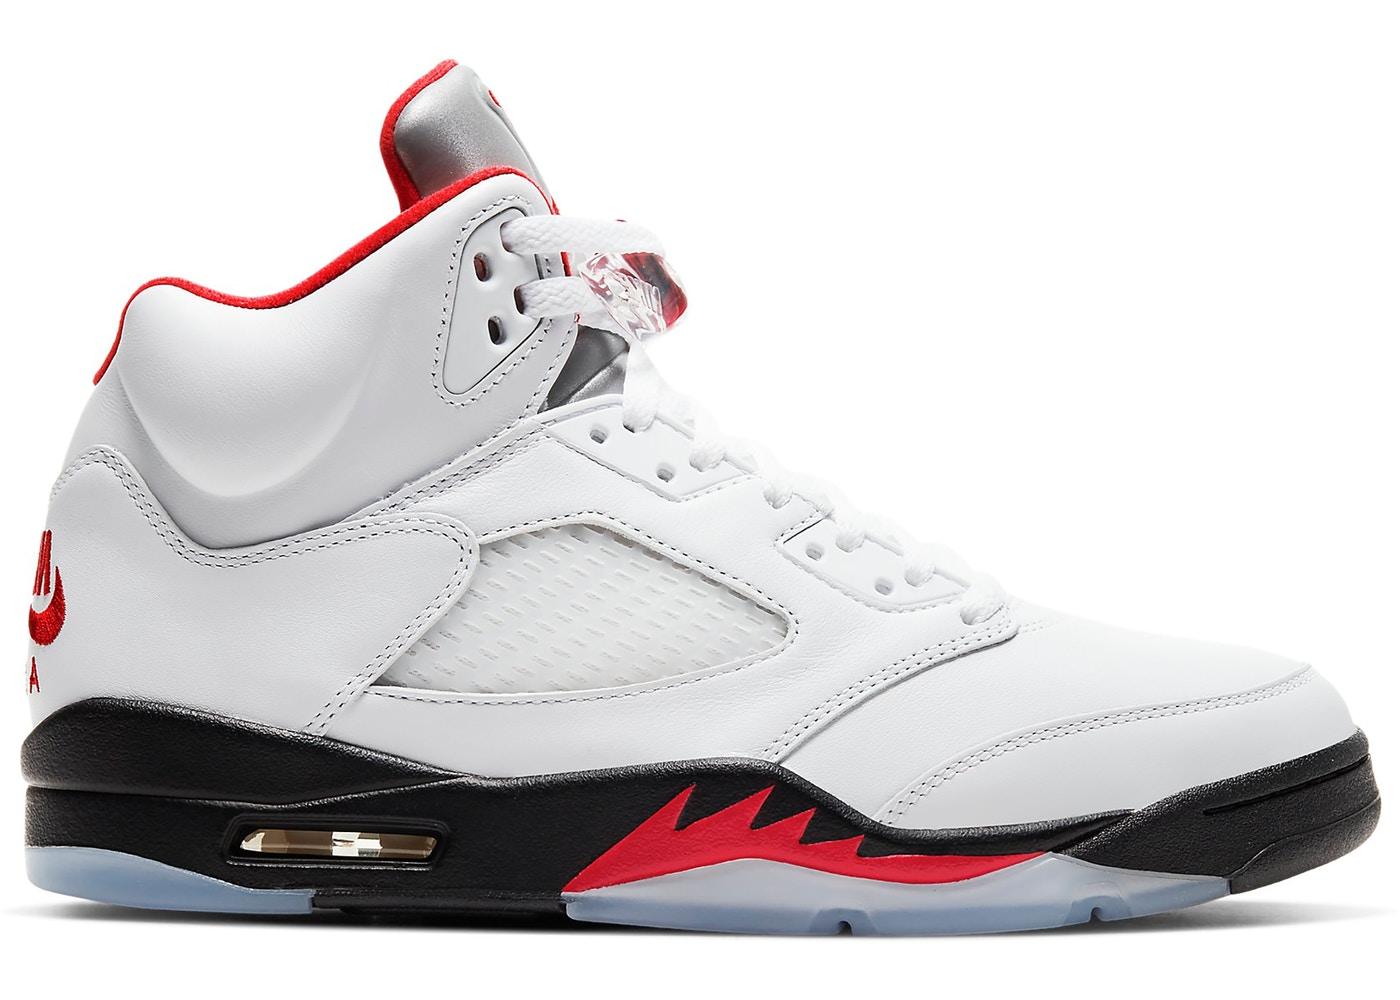 Jordan 5 Retro